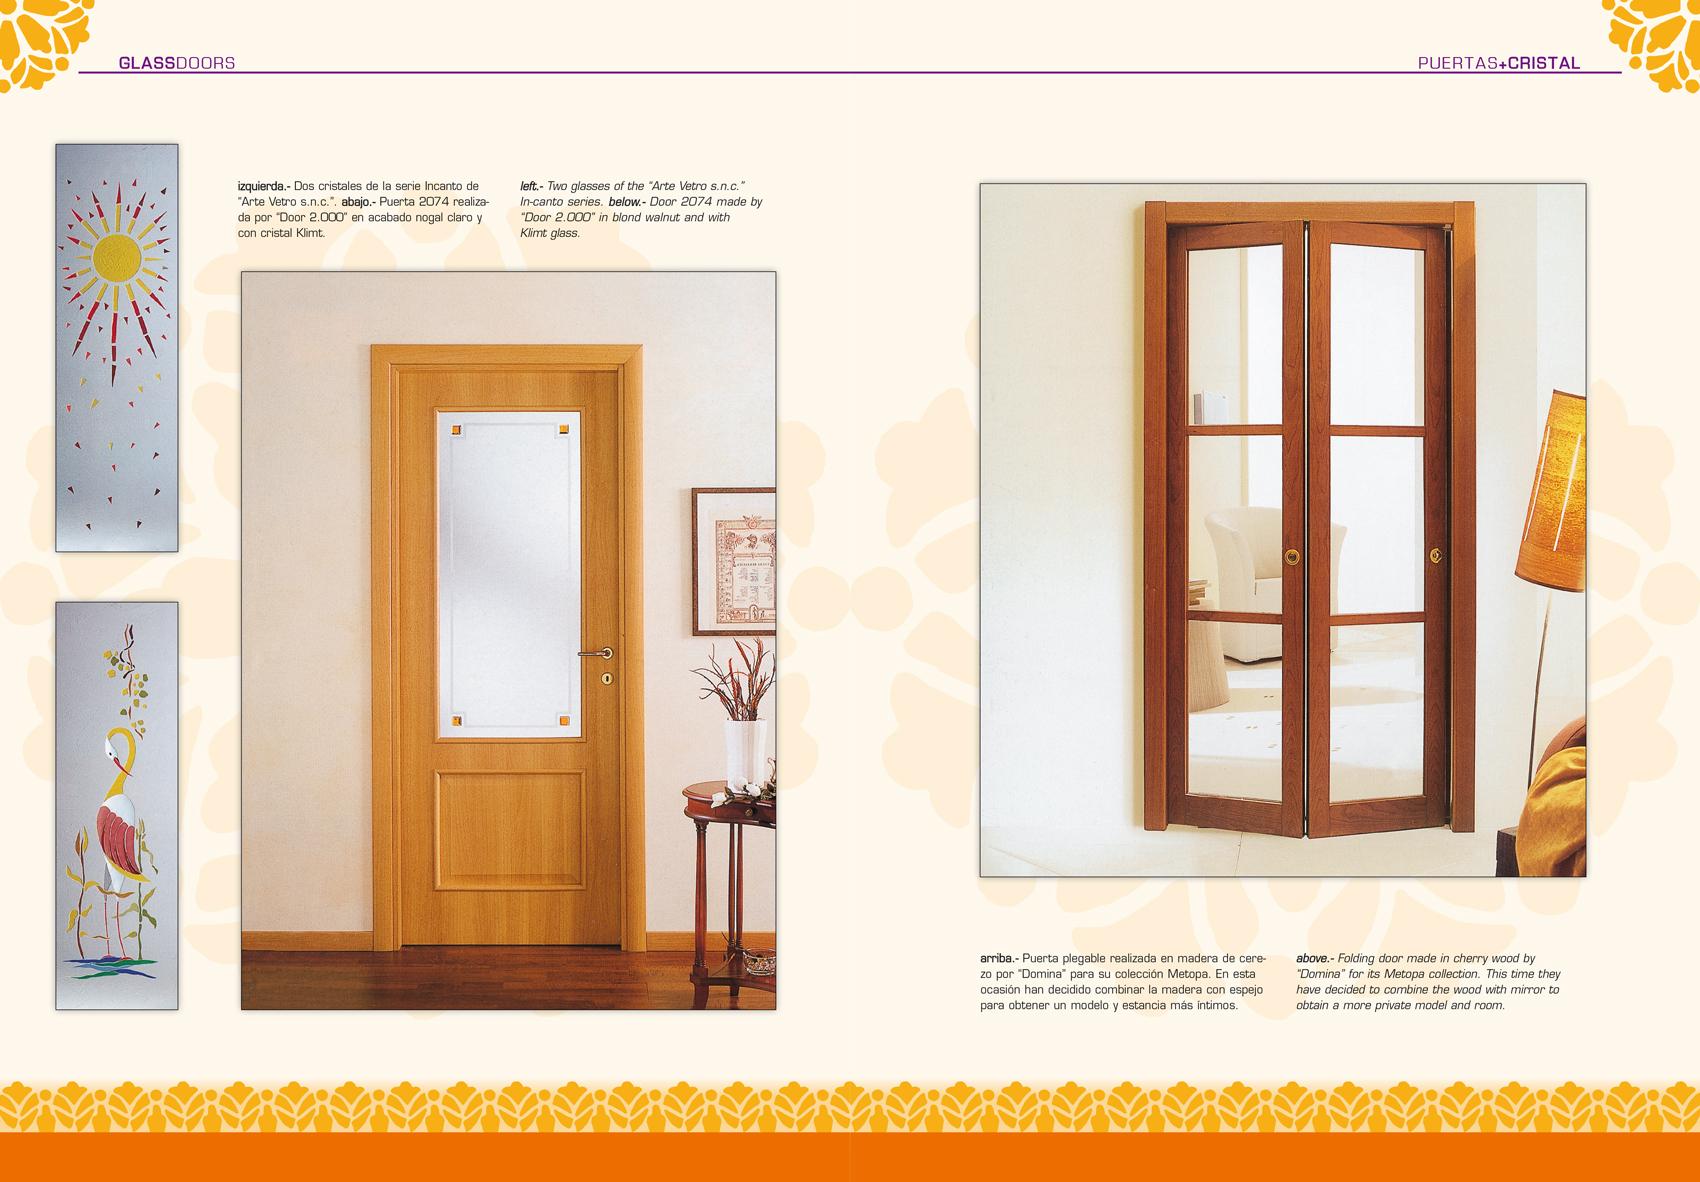 puertas-cristal-2.jpg